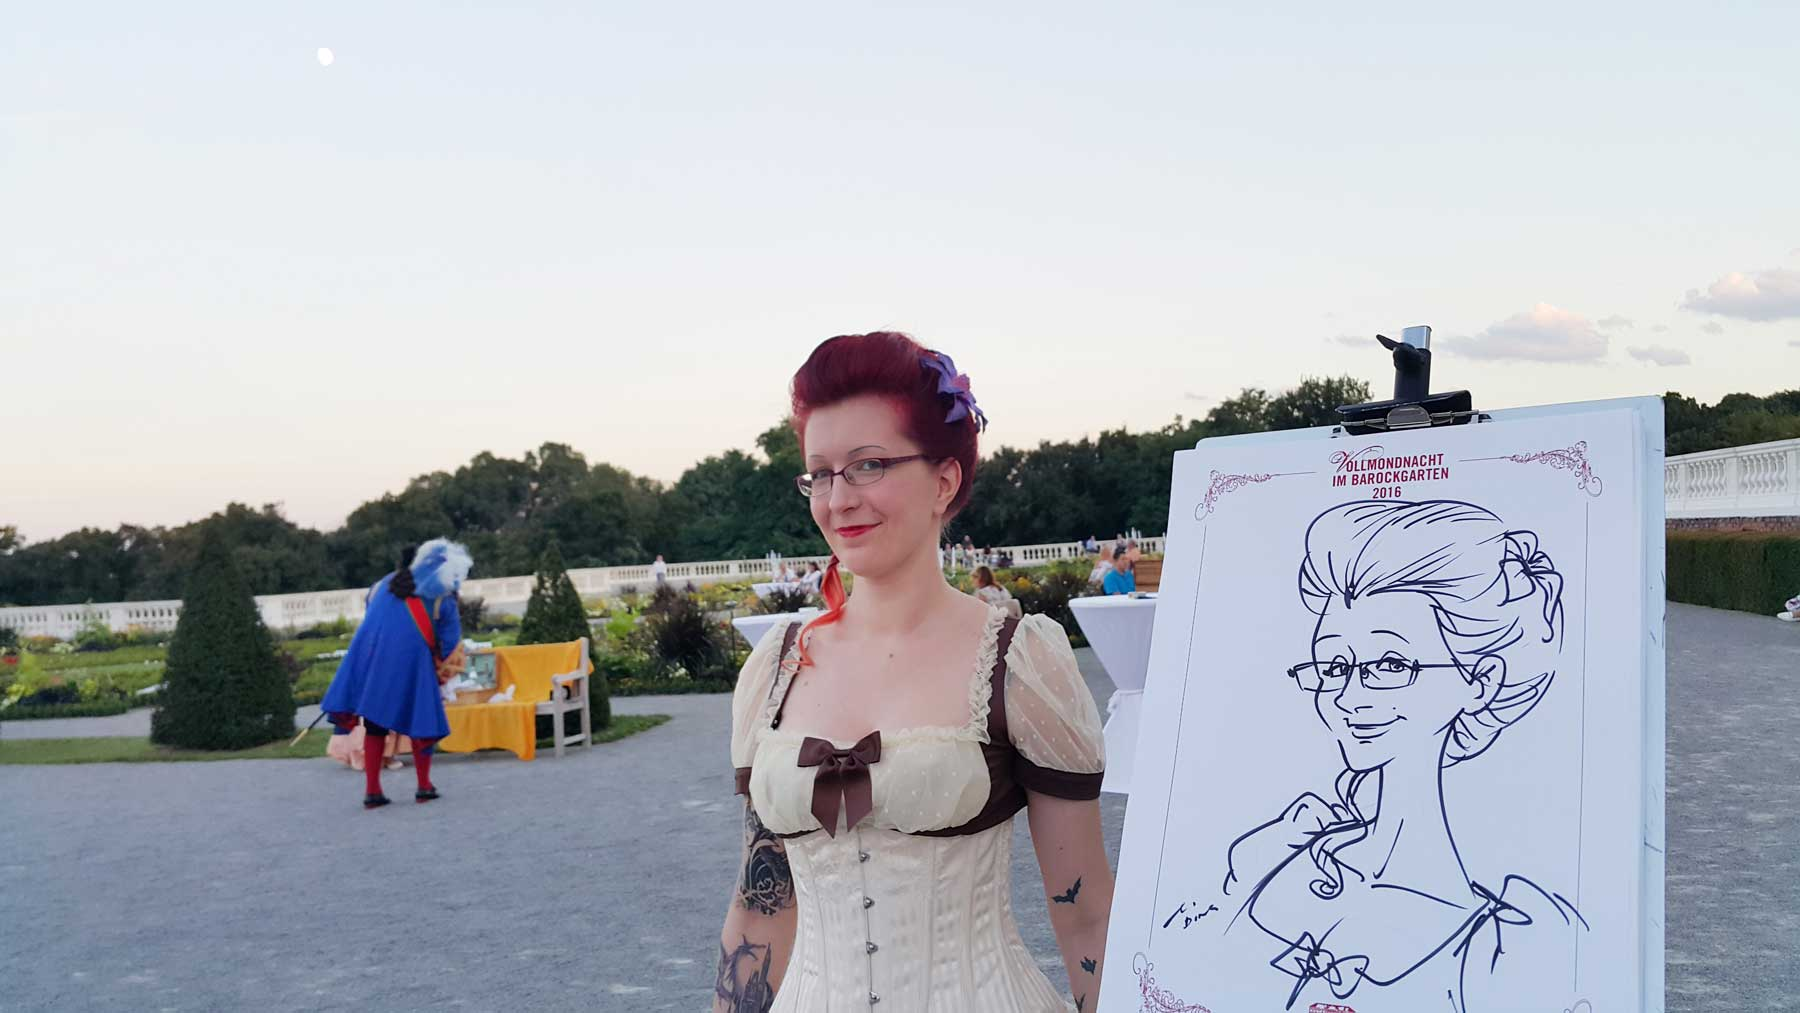 Karikaturist und Schnellzeichner für Luzern